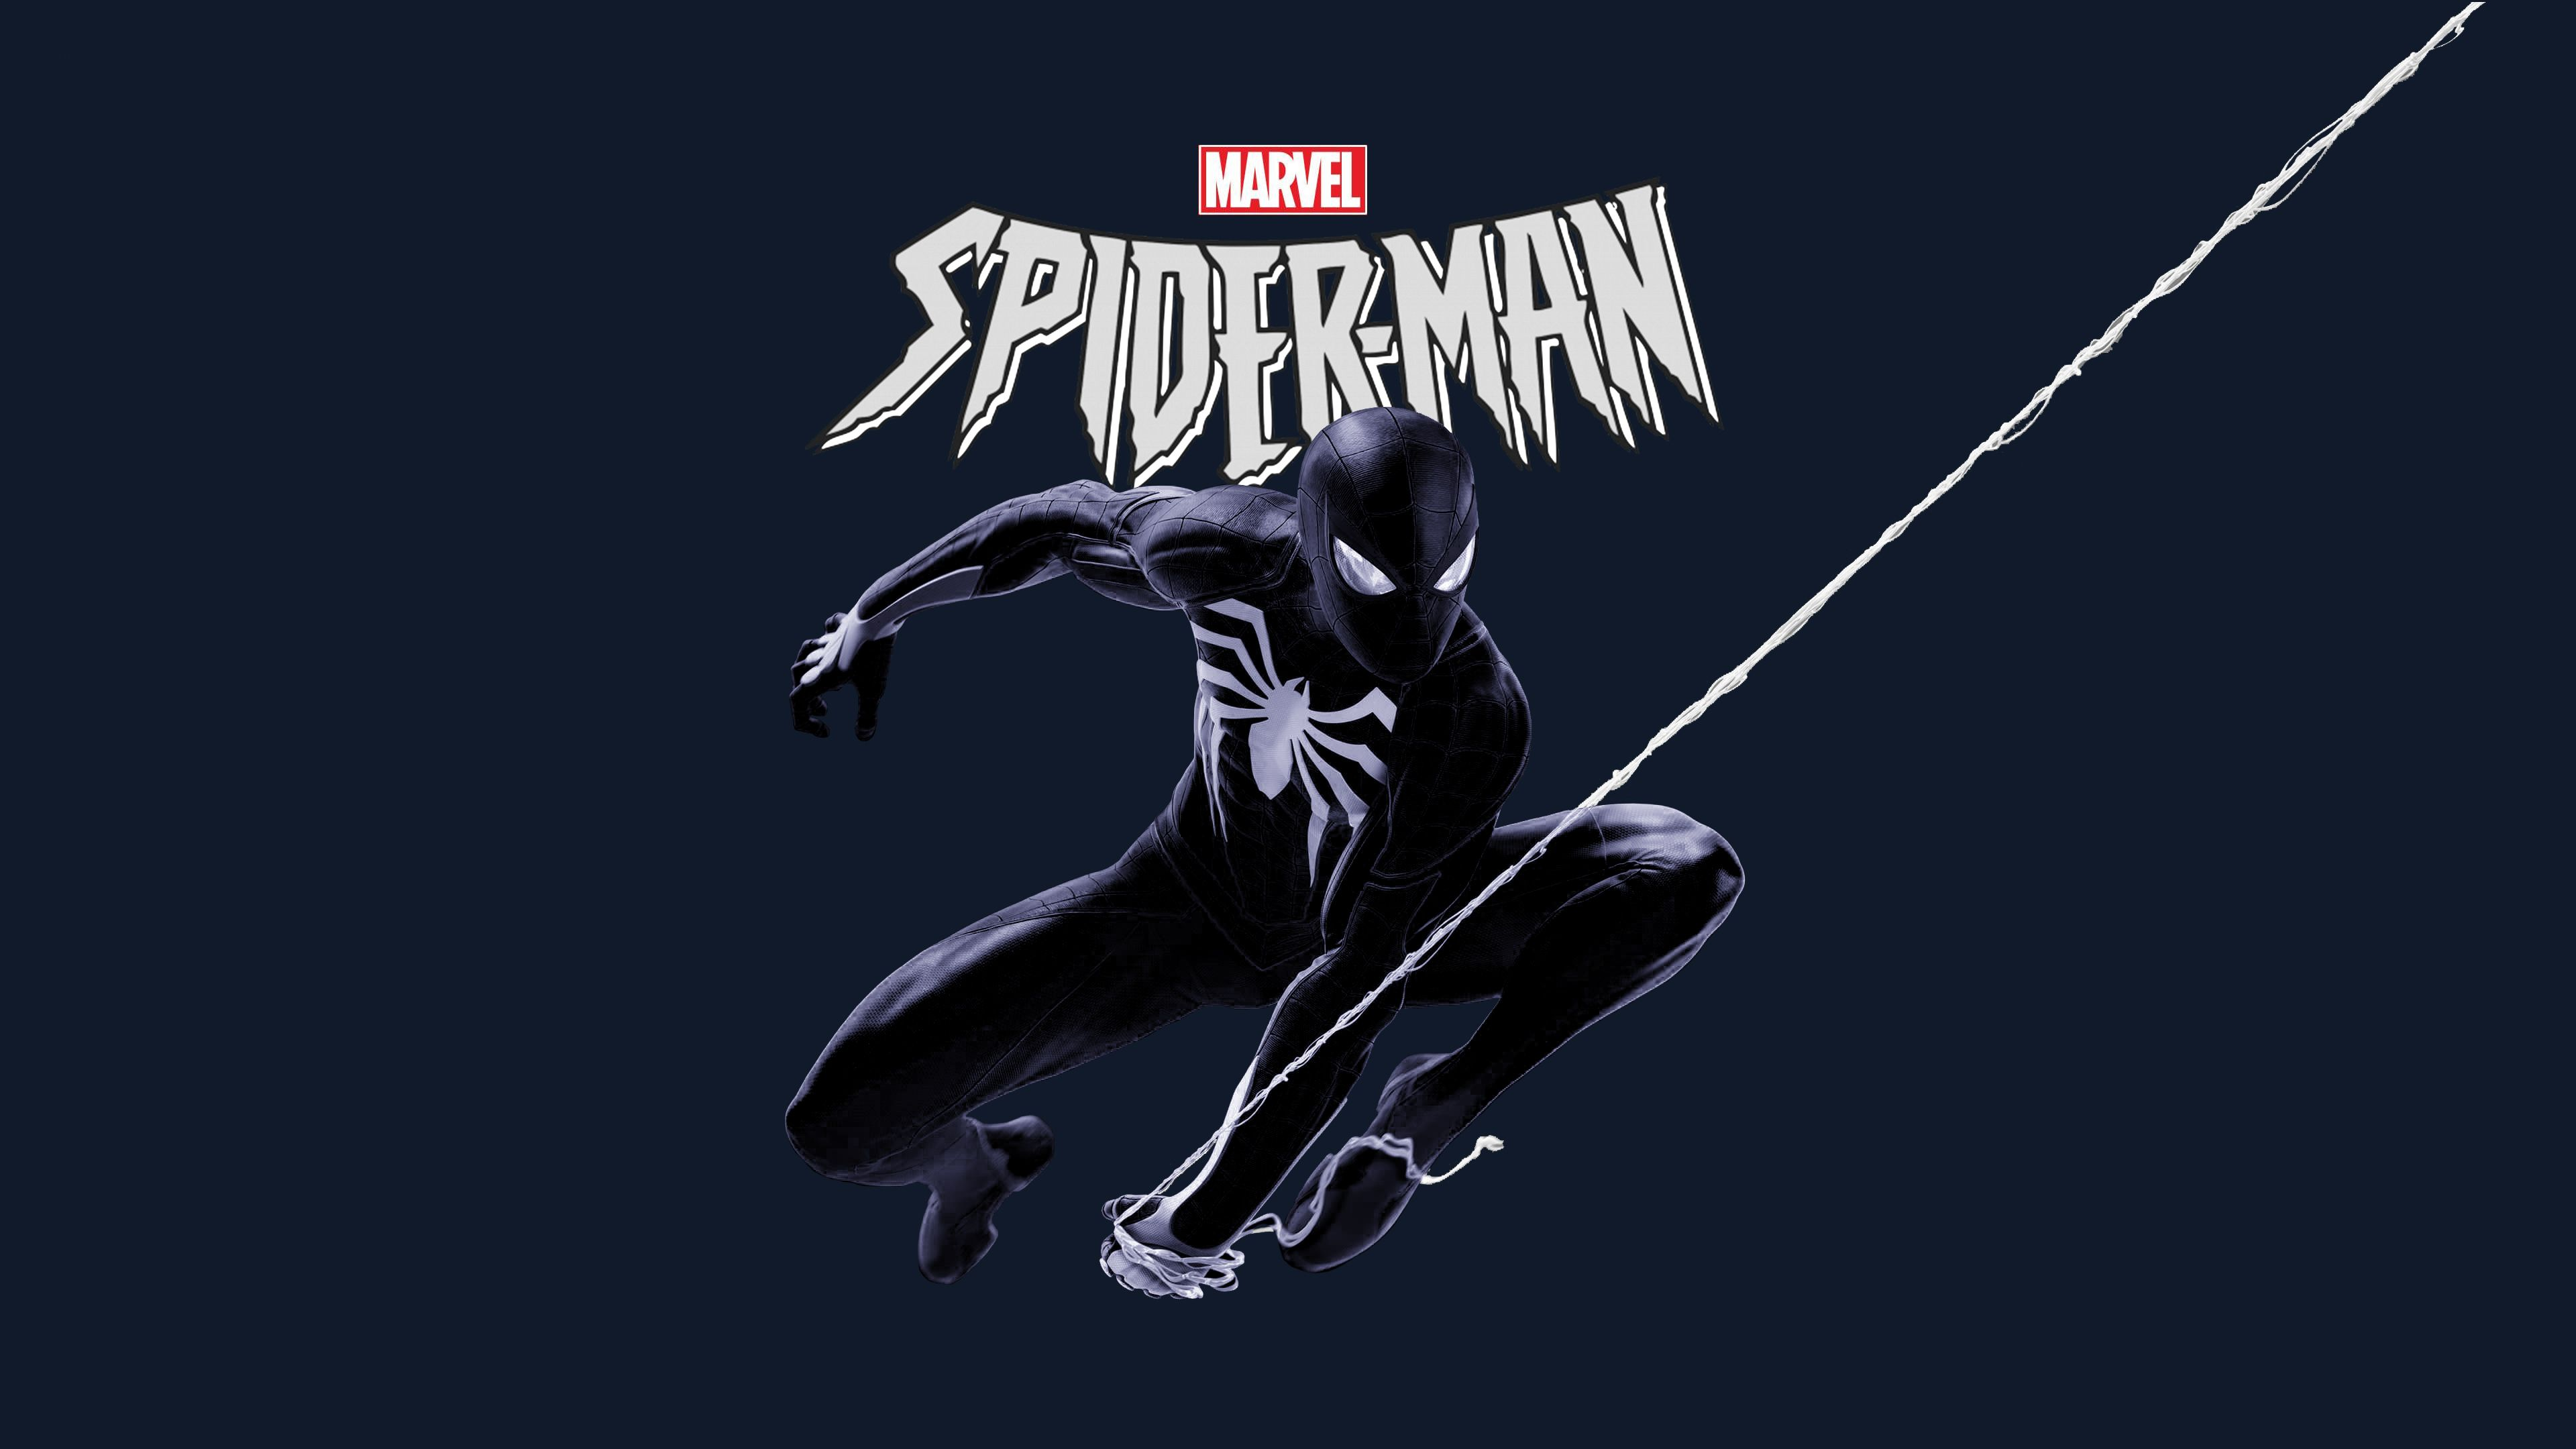 Marvel Black Spiderman 4k Superheroes Wallpapers Spiderman Wallpapers Hd Wallpapers 4k Wallpapers Symbiote Spiderman Spiderman Spiderman Pictures